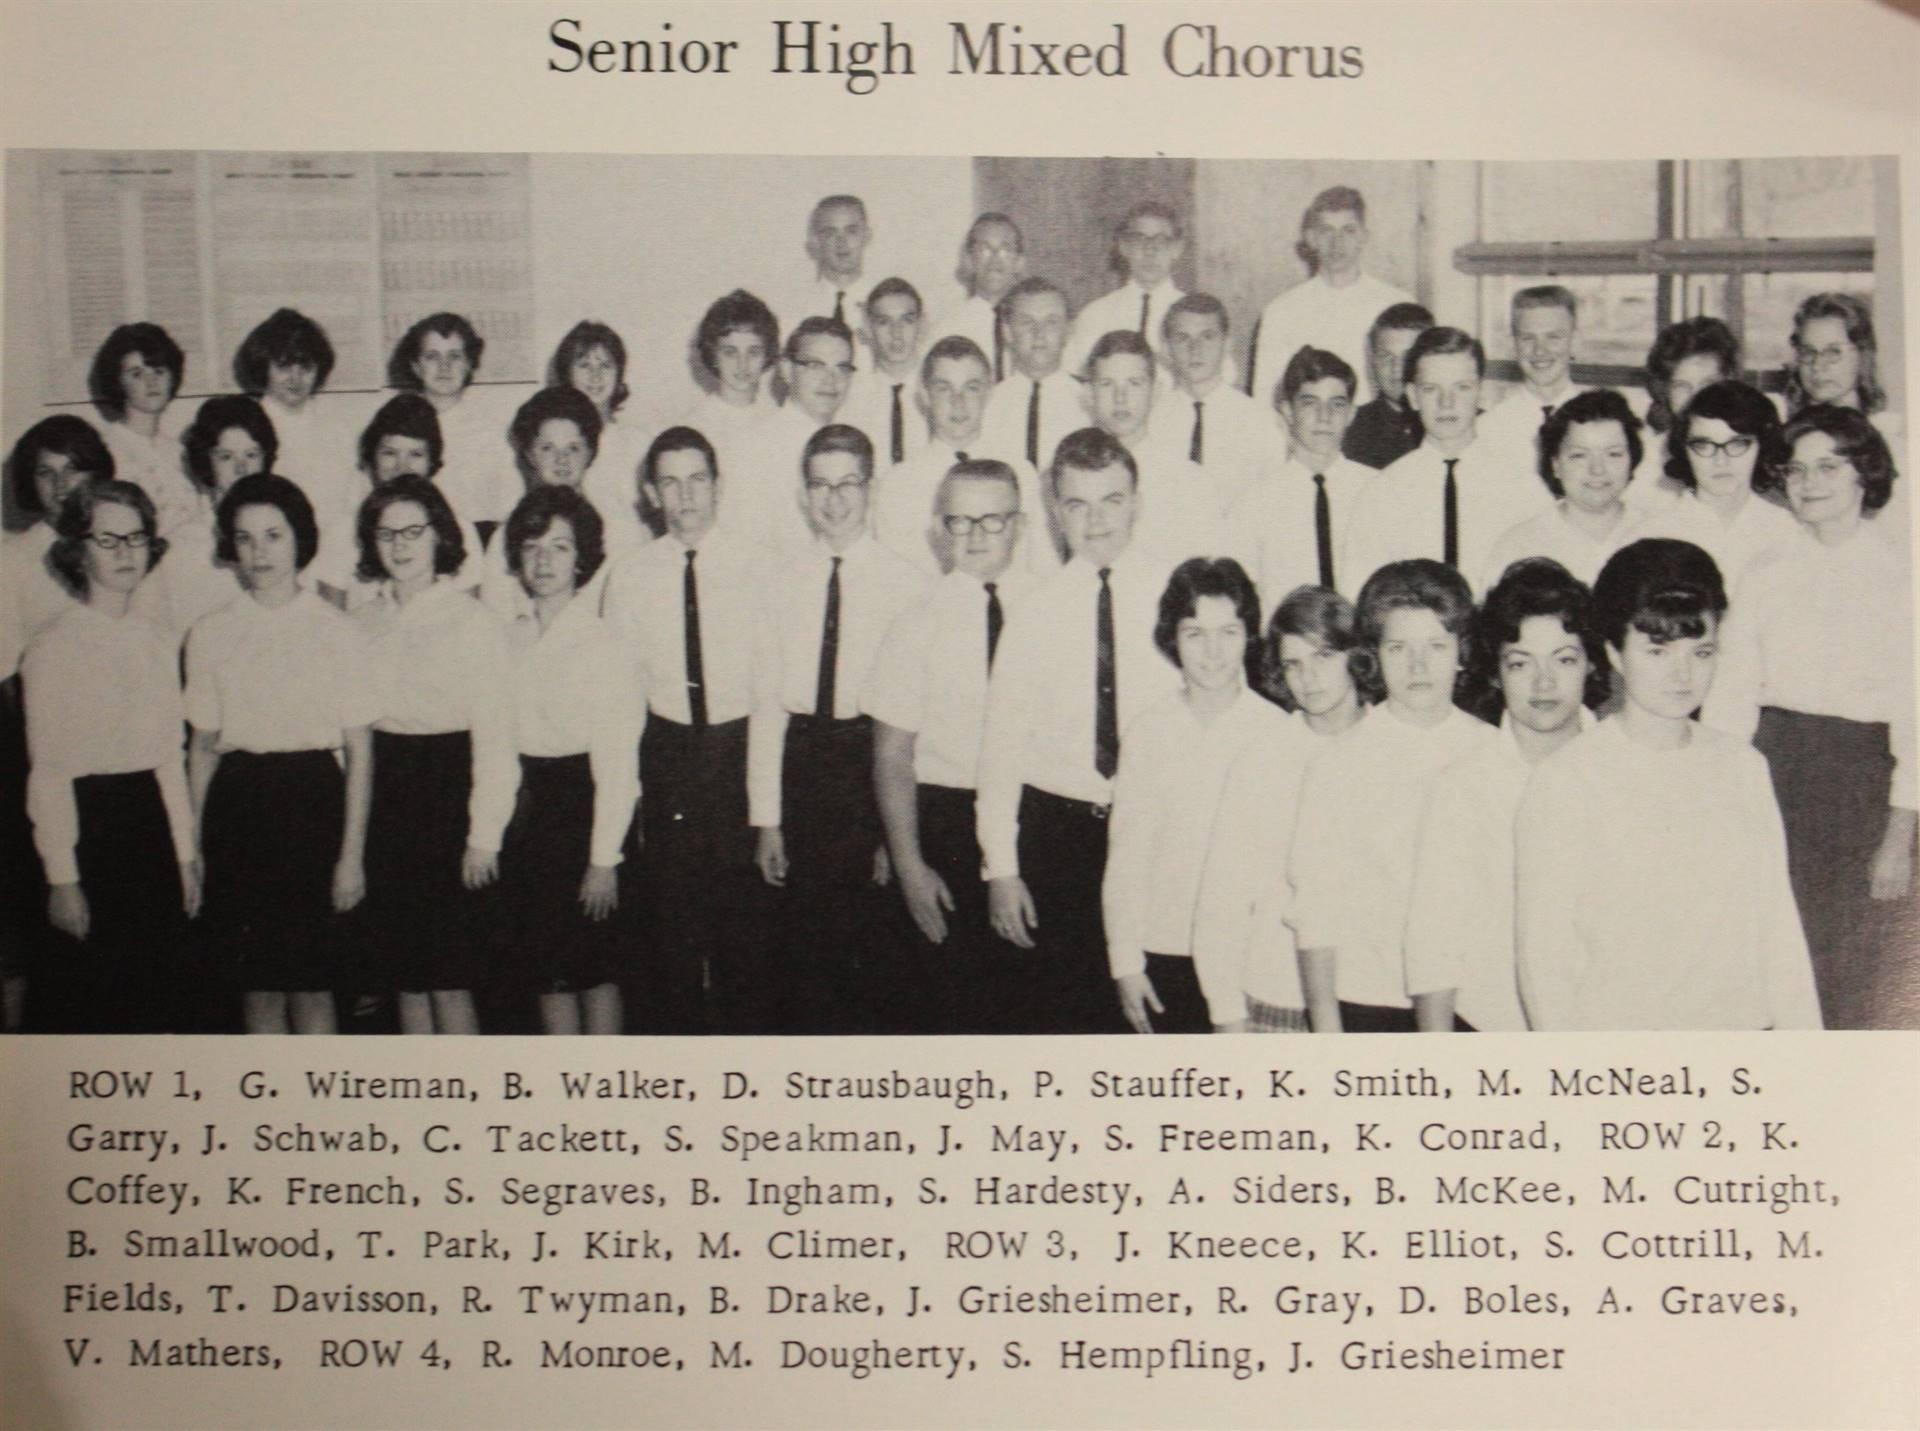 1965 senoir mixed chorus